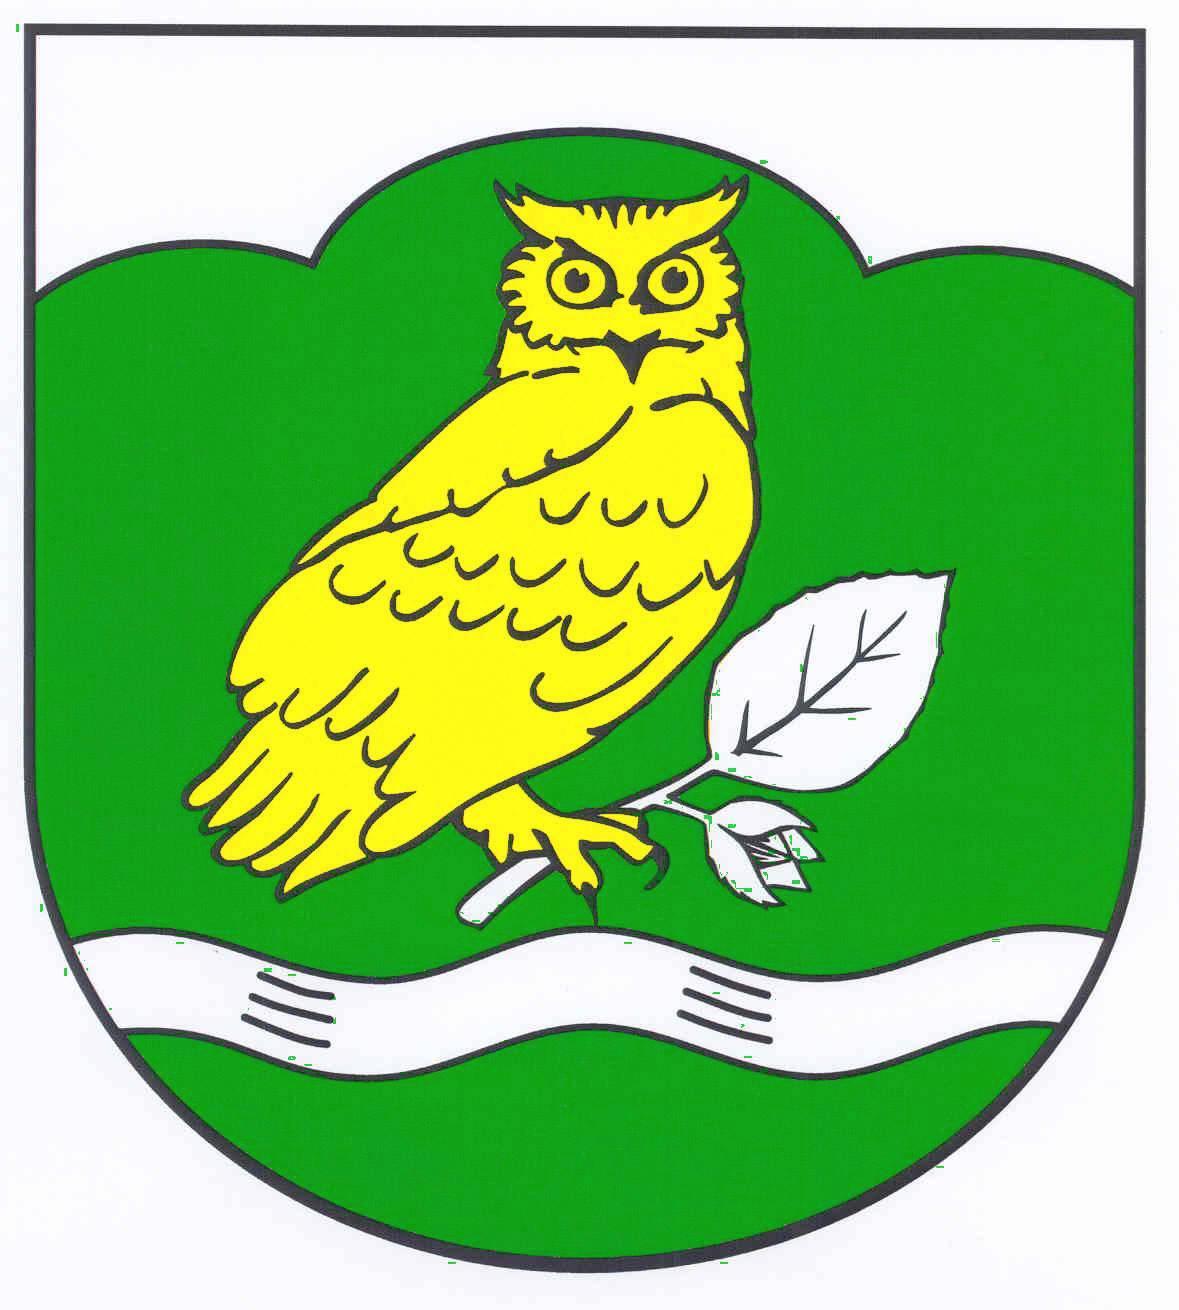 Wappen GemeindeWinsen, Kreis Segeberg